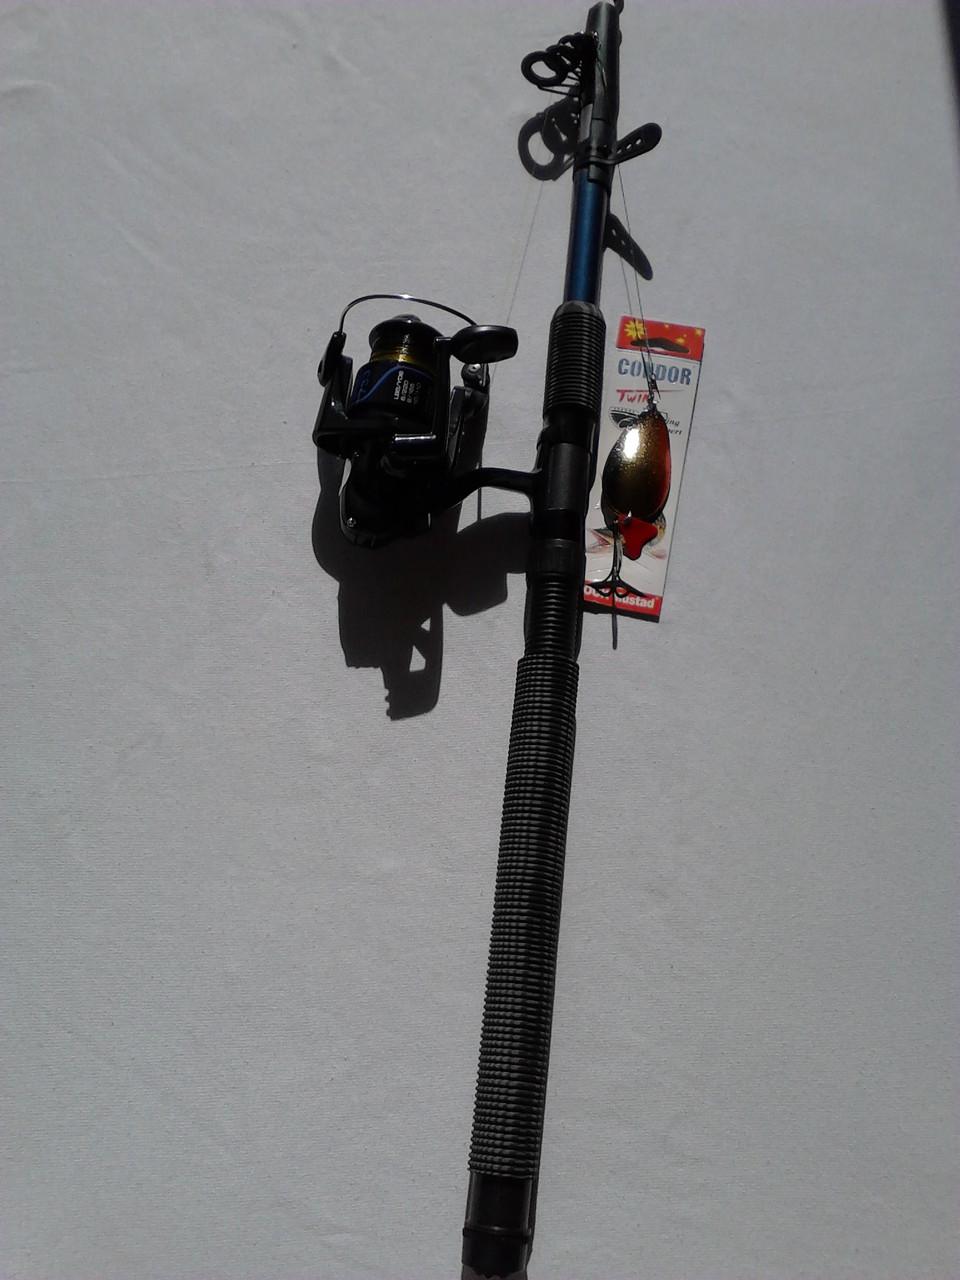 Комплект спиннинг Kalipso 2.40m + Катушка Line Winder FS 734 4bb